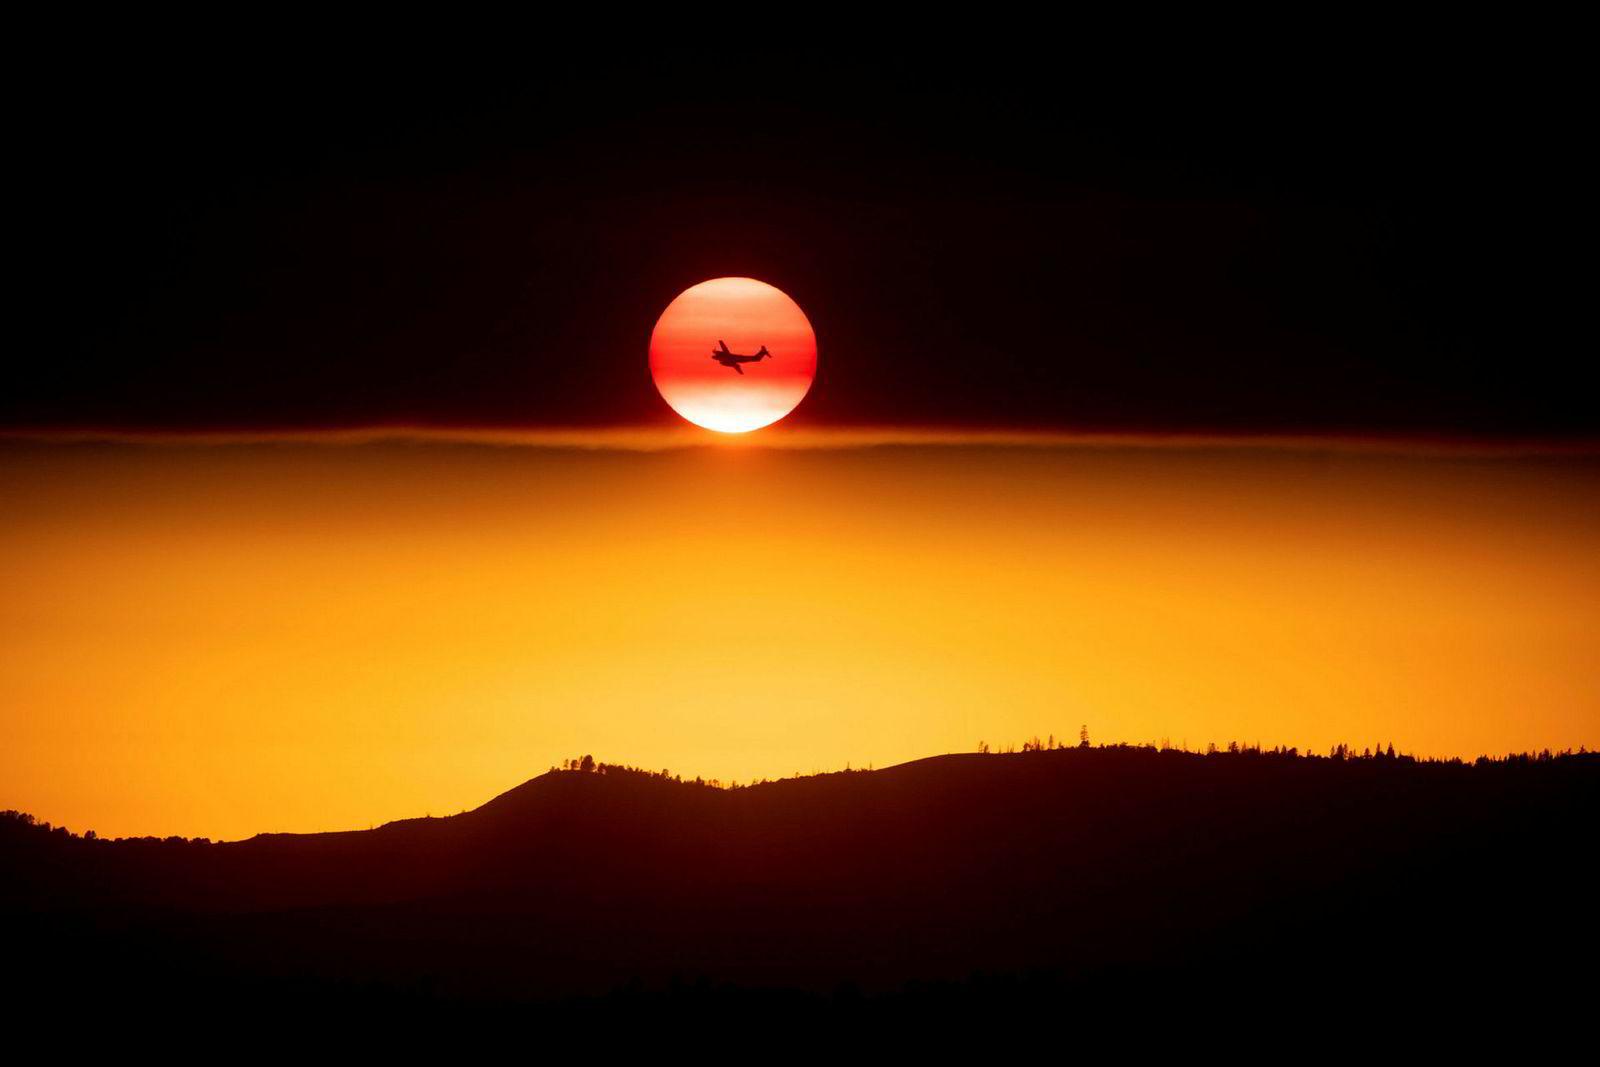 Et fly som kjemper mot Ferguson-brannen passerer solen på vei ned i Mariposa, nær nasjonalparken Yosemite.